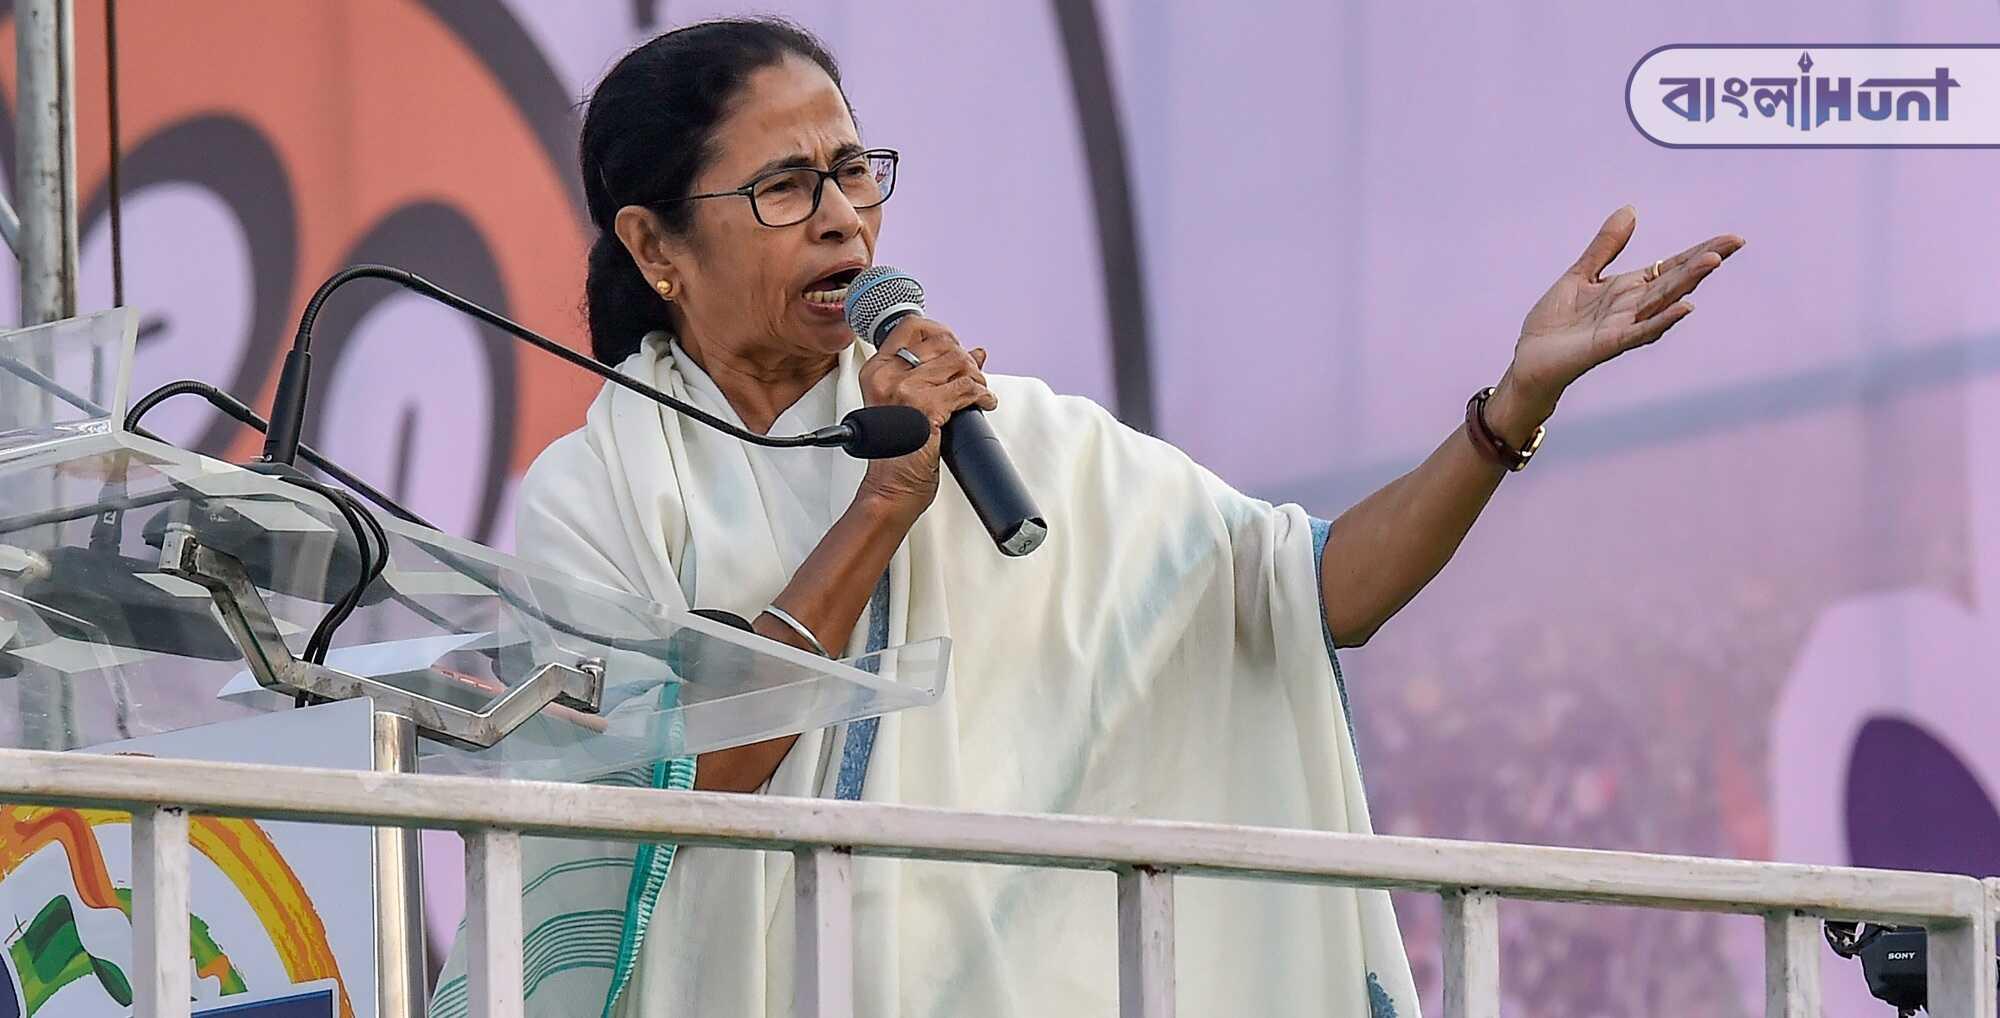 Mamata Banerjee rented two houses in Nandigram